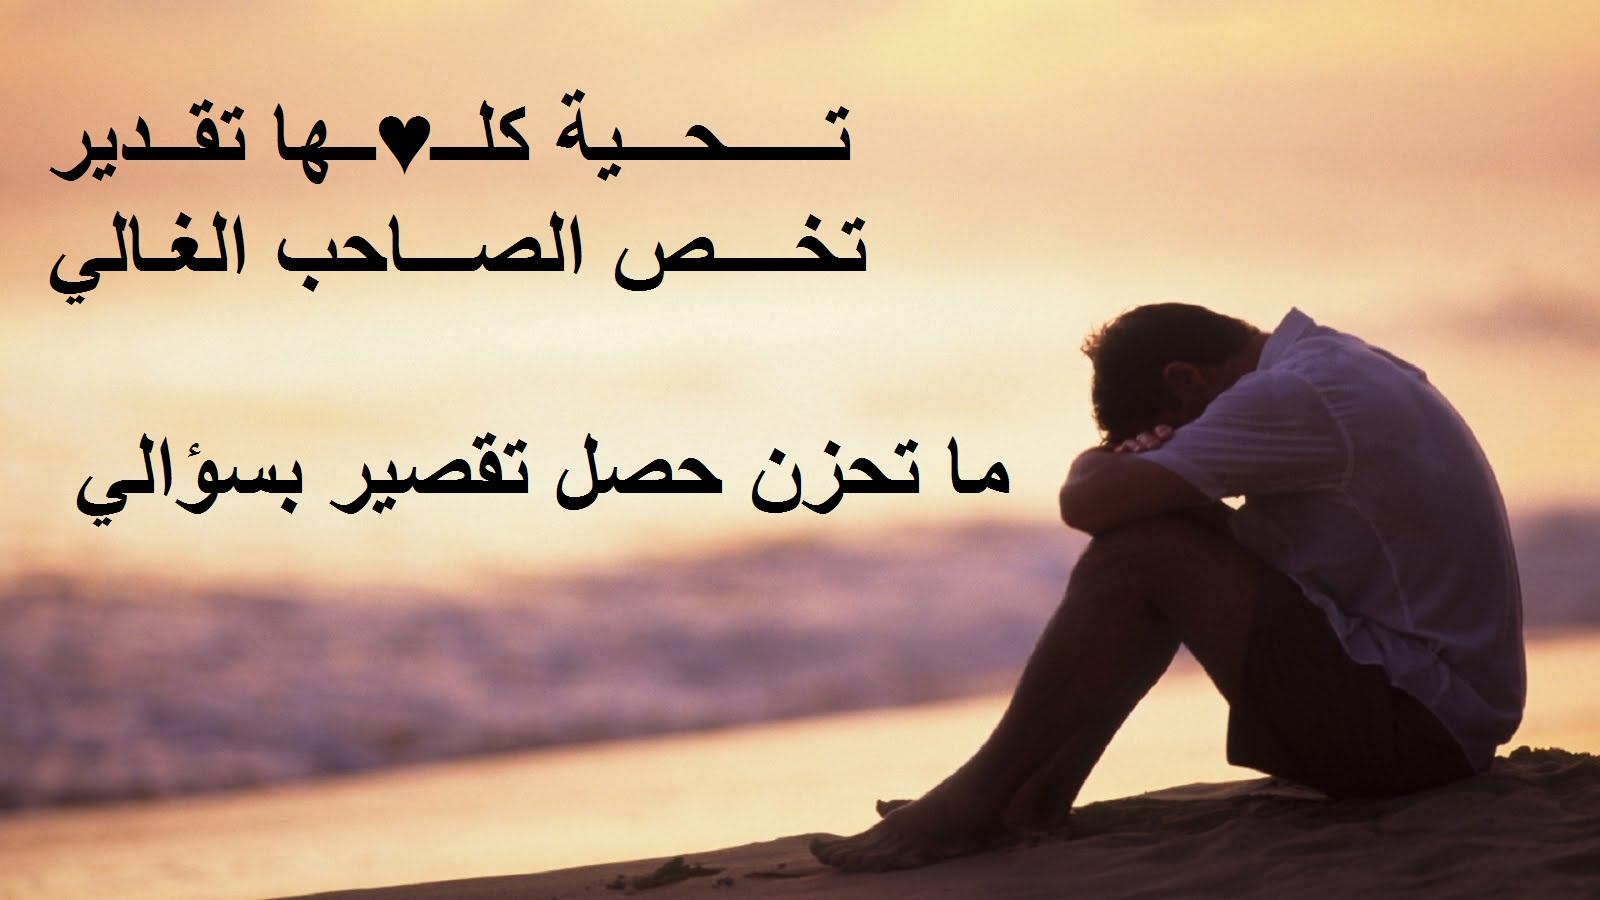 رسائل عتاب للاصدقاء مصرية